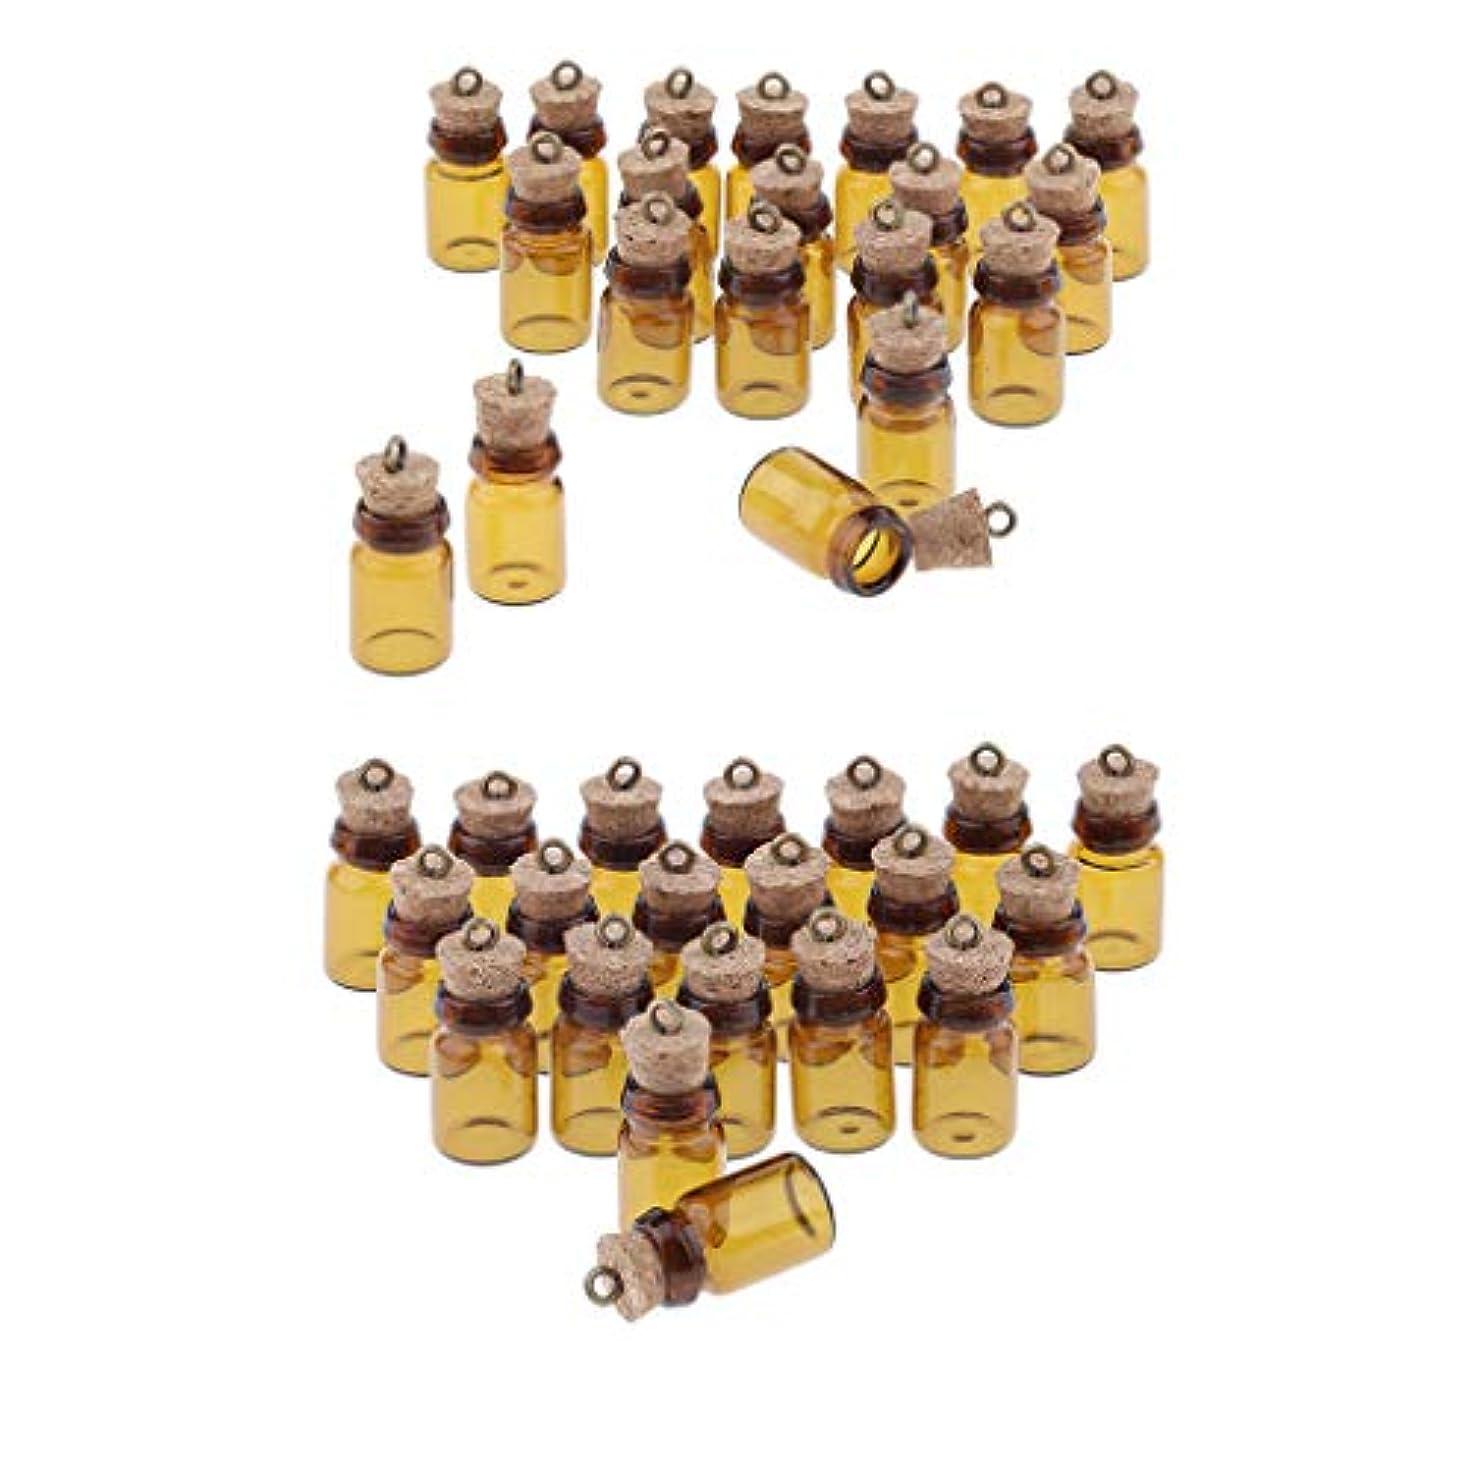 繊維限定フォーラムPerfeclan 遮光瓶 ガラス瓶 保存容器 コルク栓付き エッセンシャルオイル 香水 詰替え 収納アクセサリー 約20本